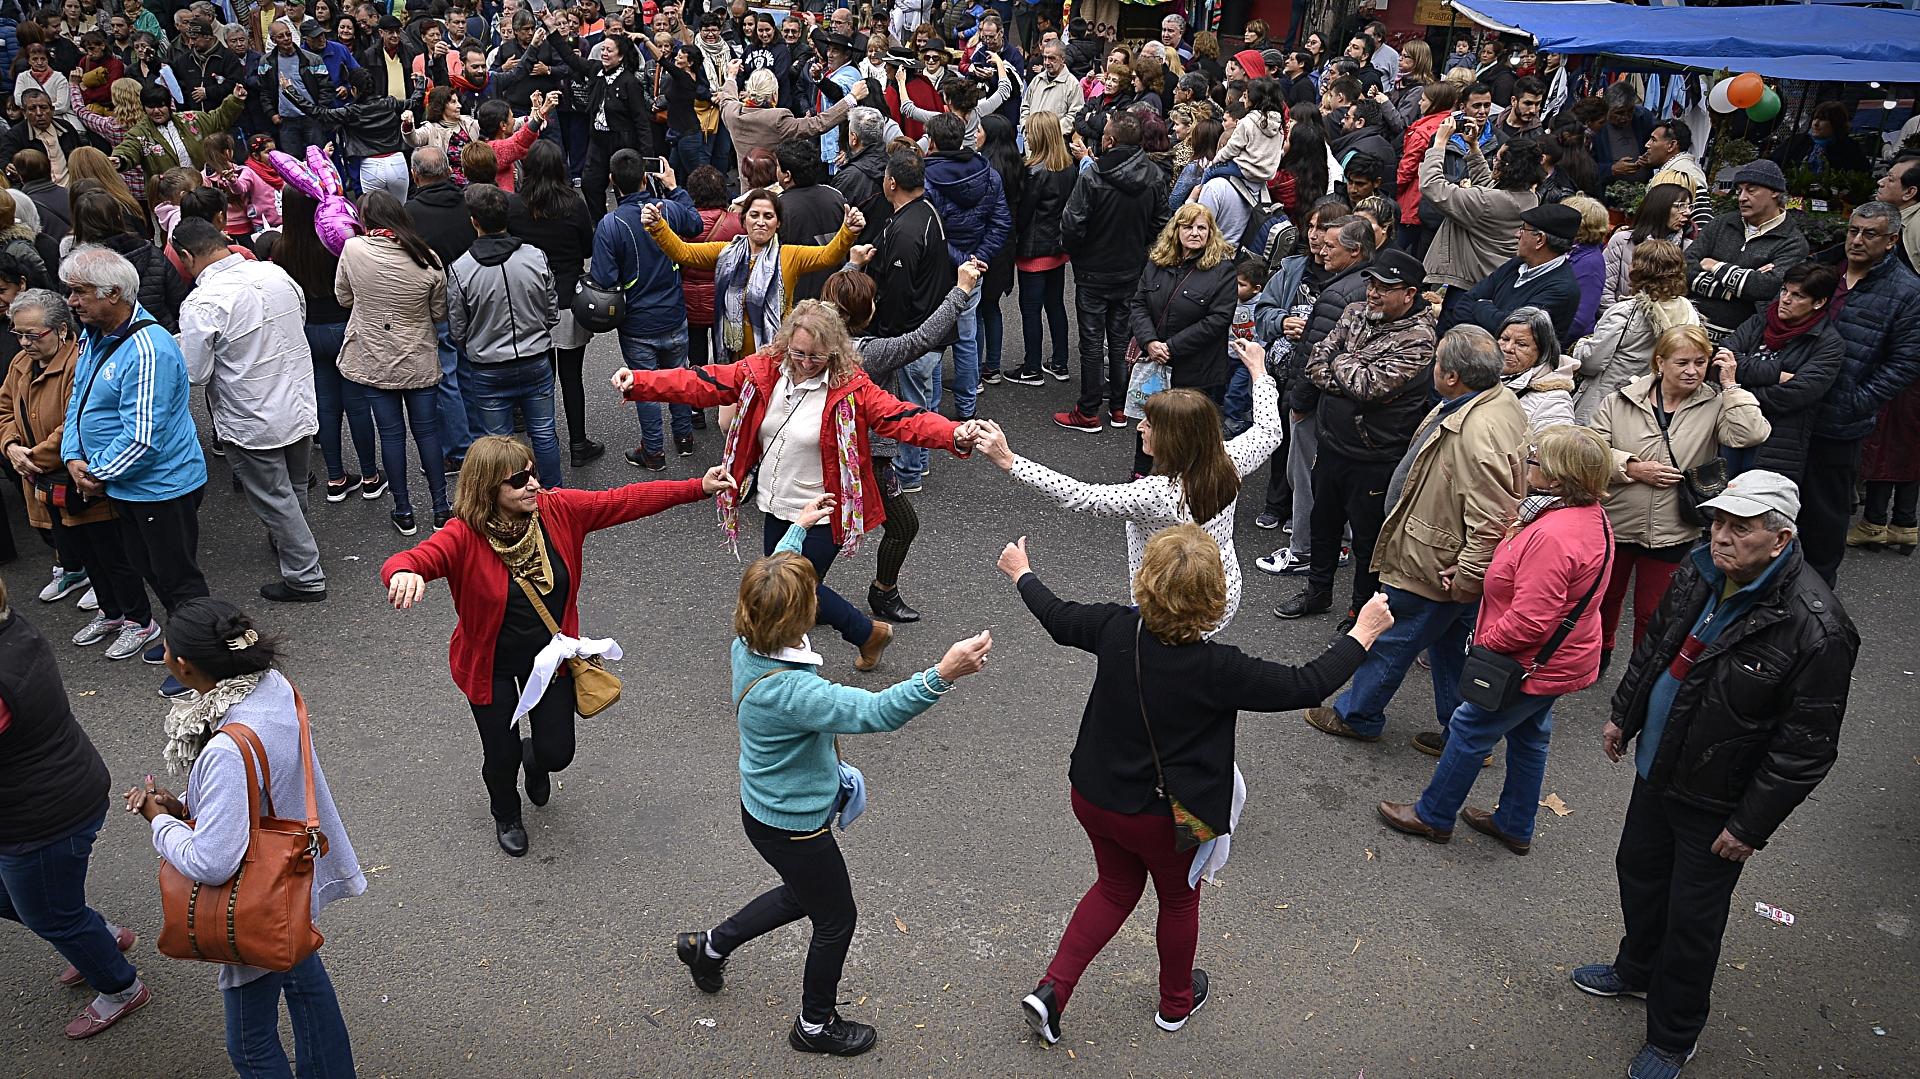 Un grupo de mujeres baila durante los festejos